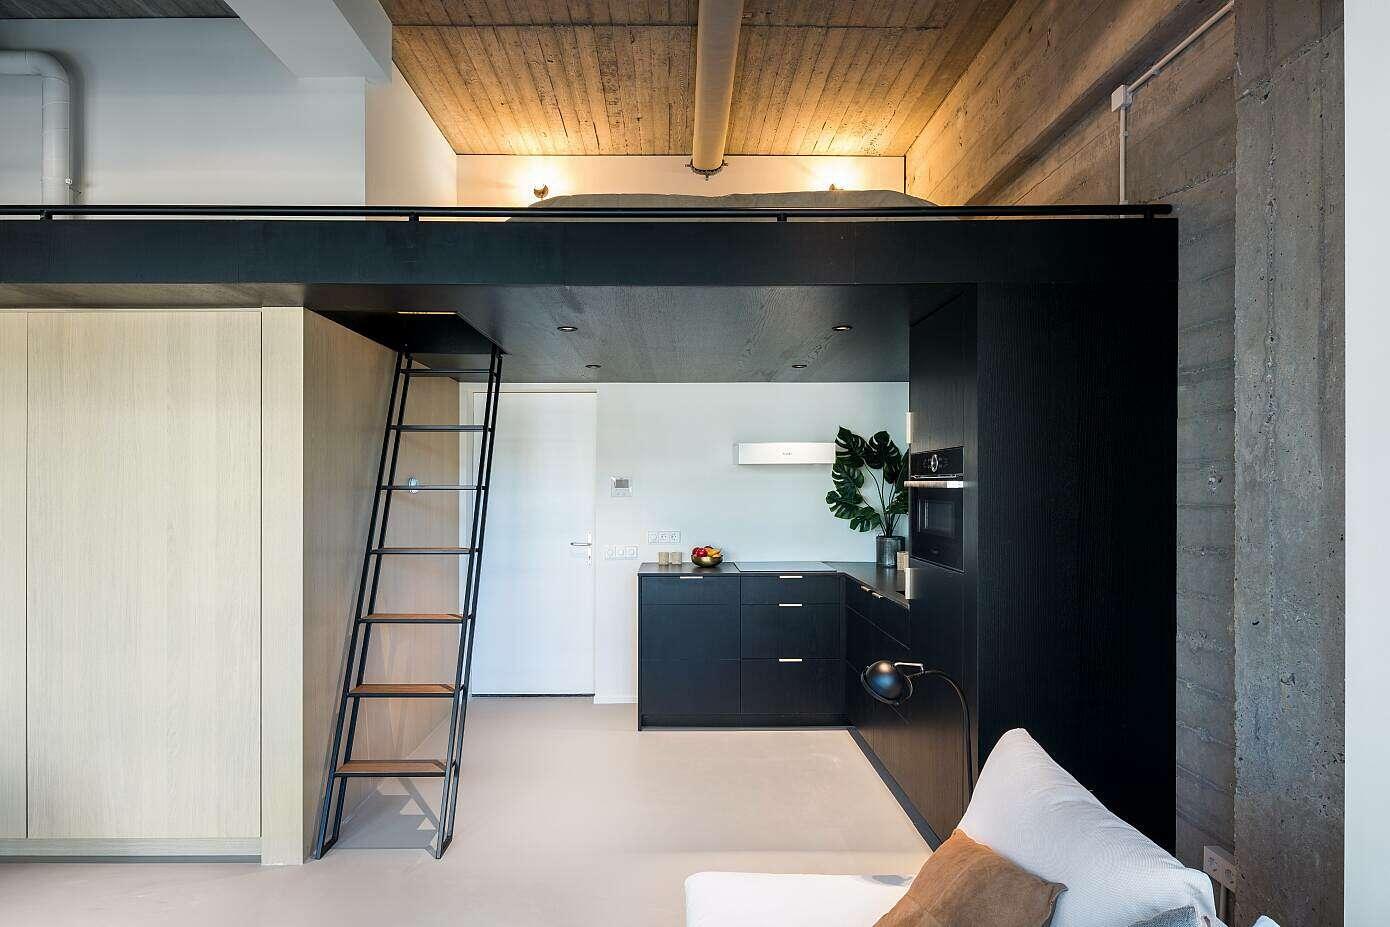 Urban Lofts by Bureau Fraai